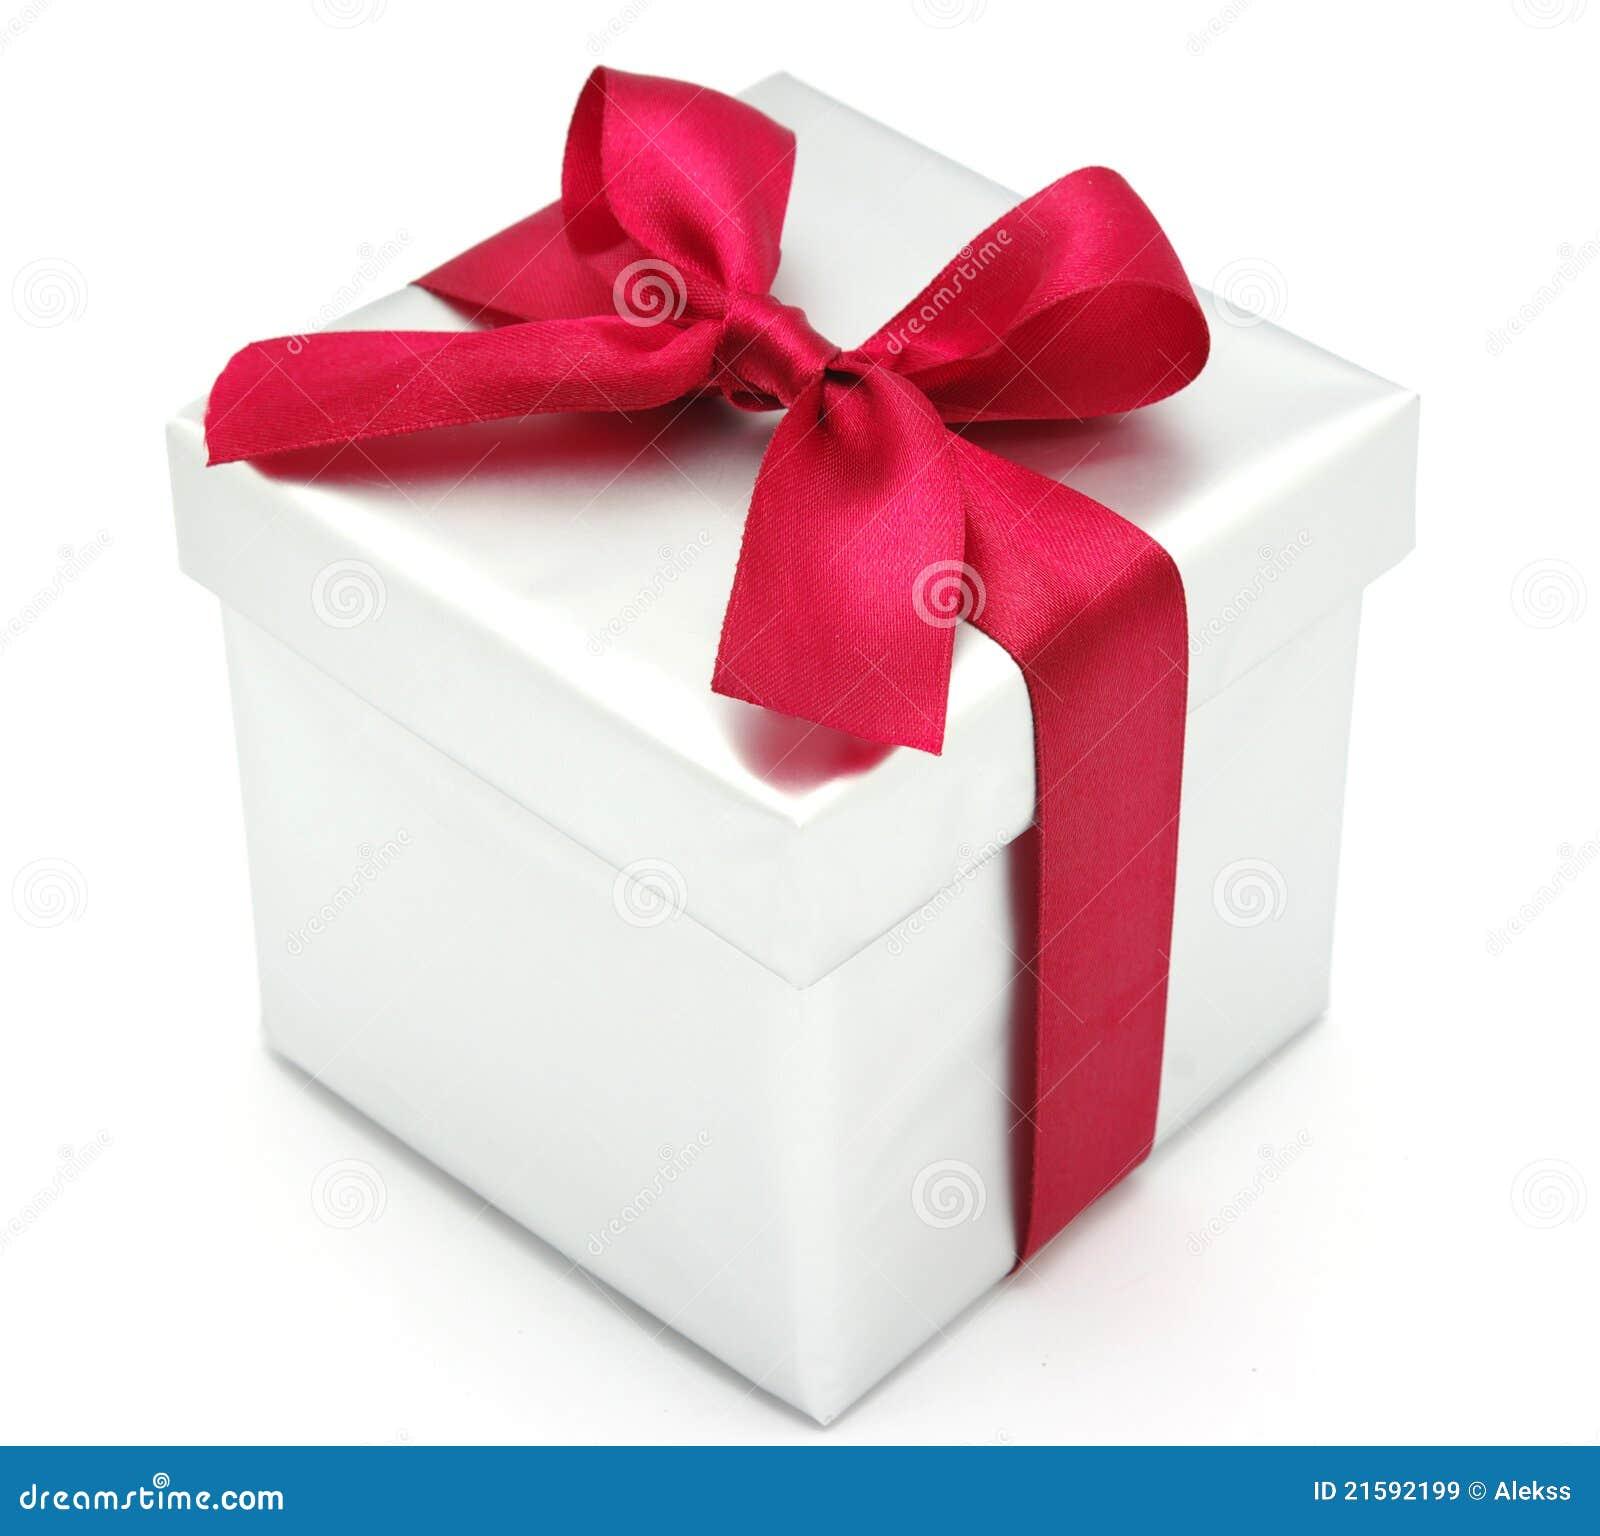 Christmas gift box stock image of celebration